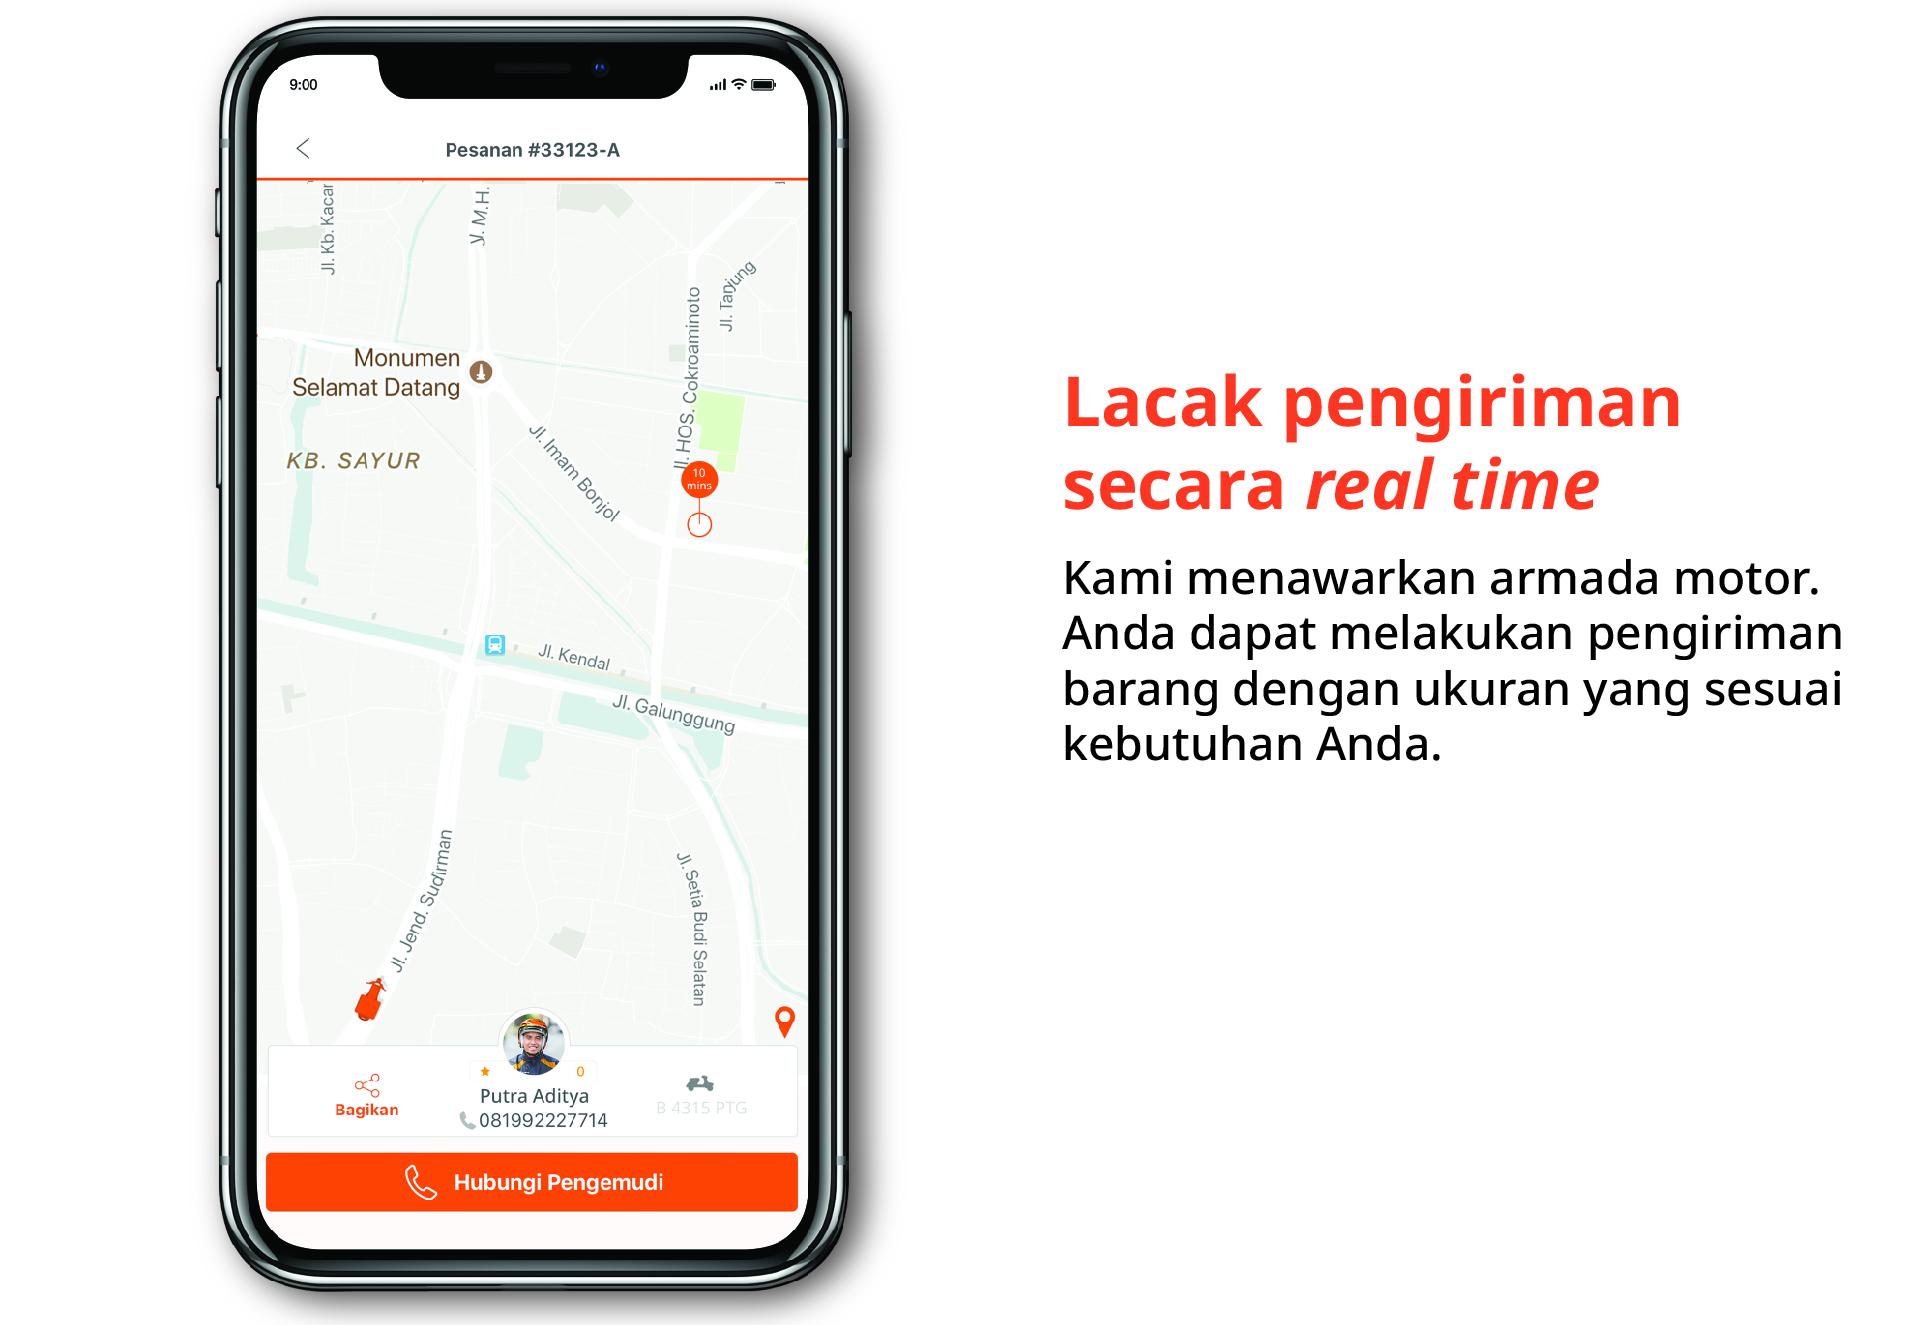 Lacak pengiriman secara real time